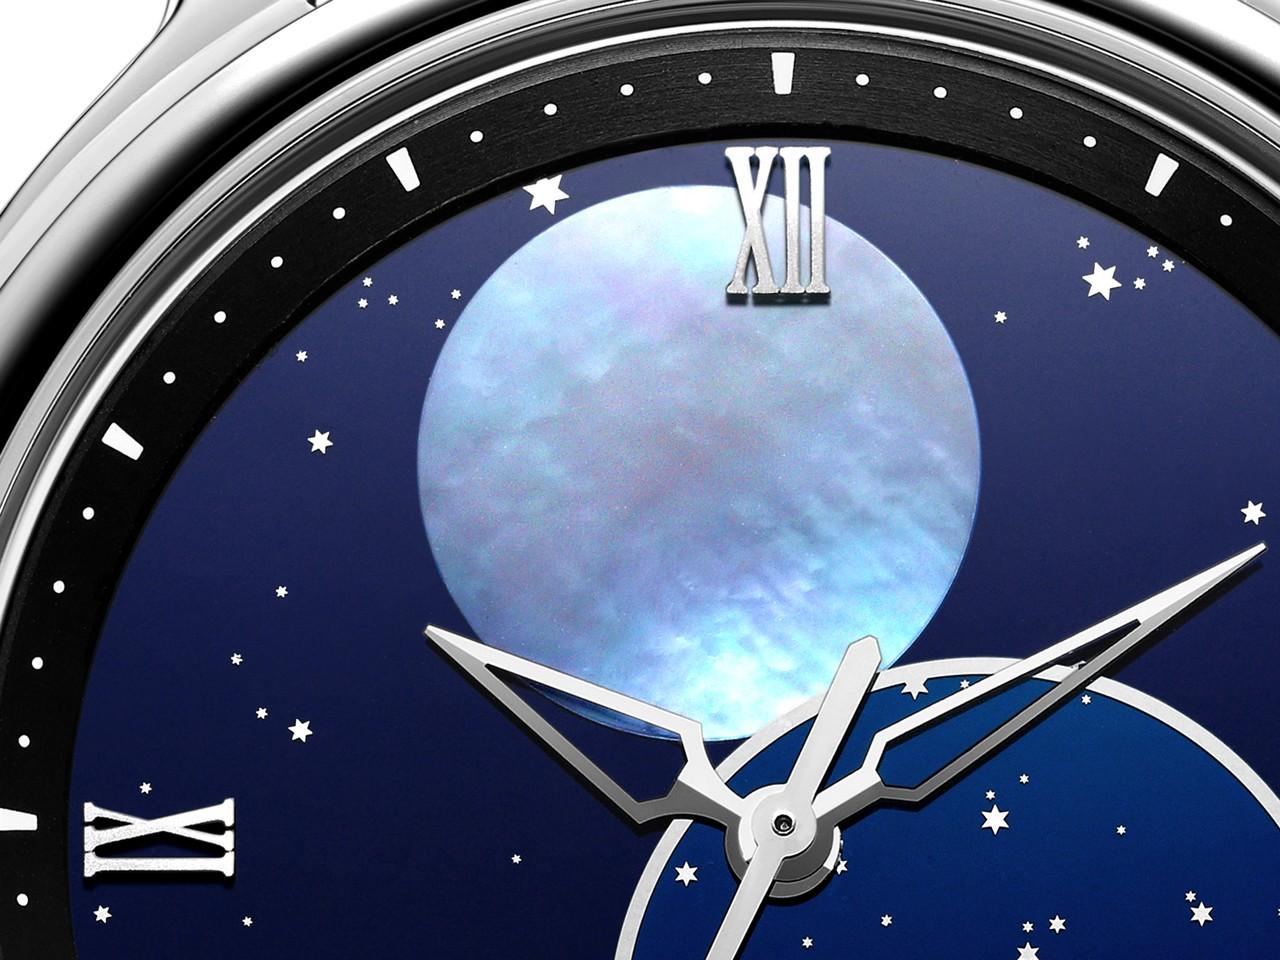 baselworld-2013-emile-chouriet-moonphase_0-100_1